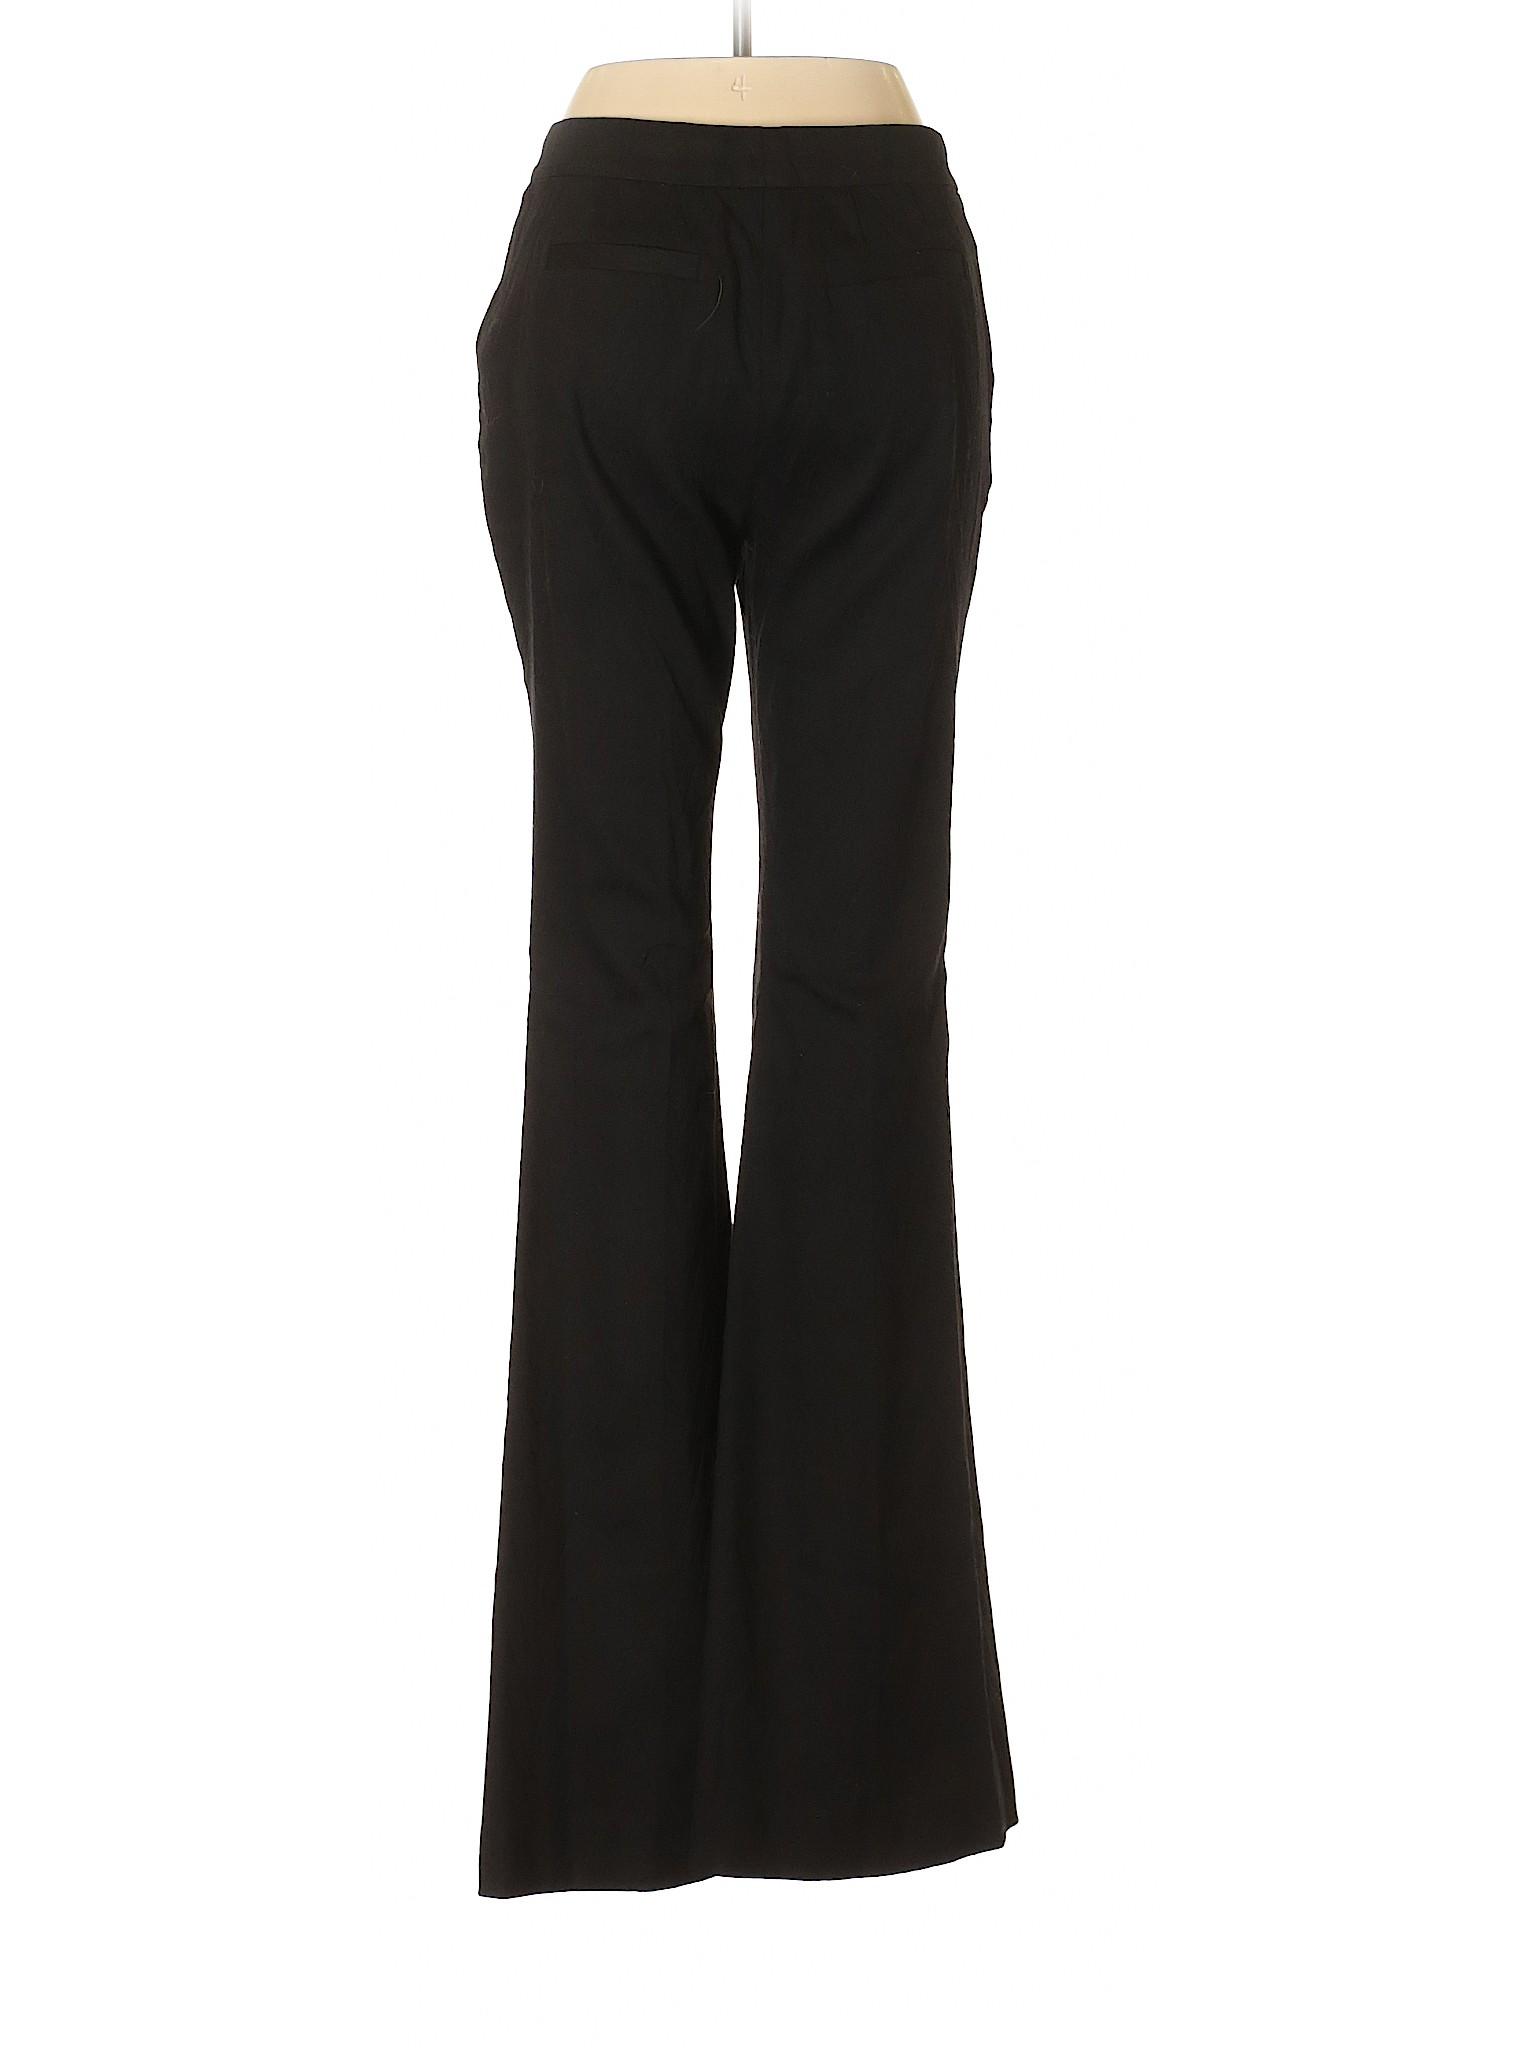 Dress Zoe Rachel Pants leisure Boutique RxvzCwqPx